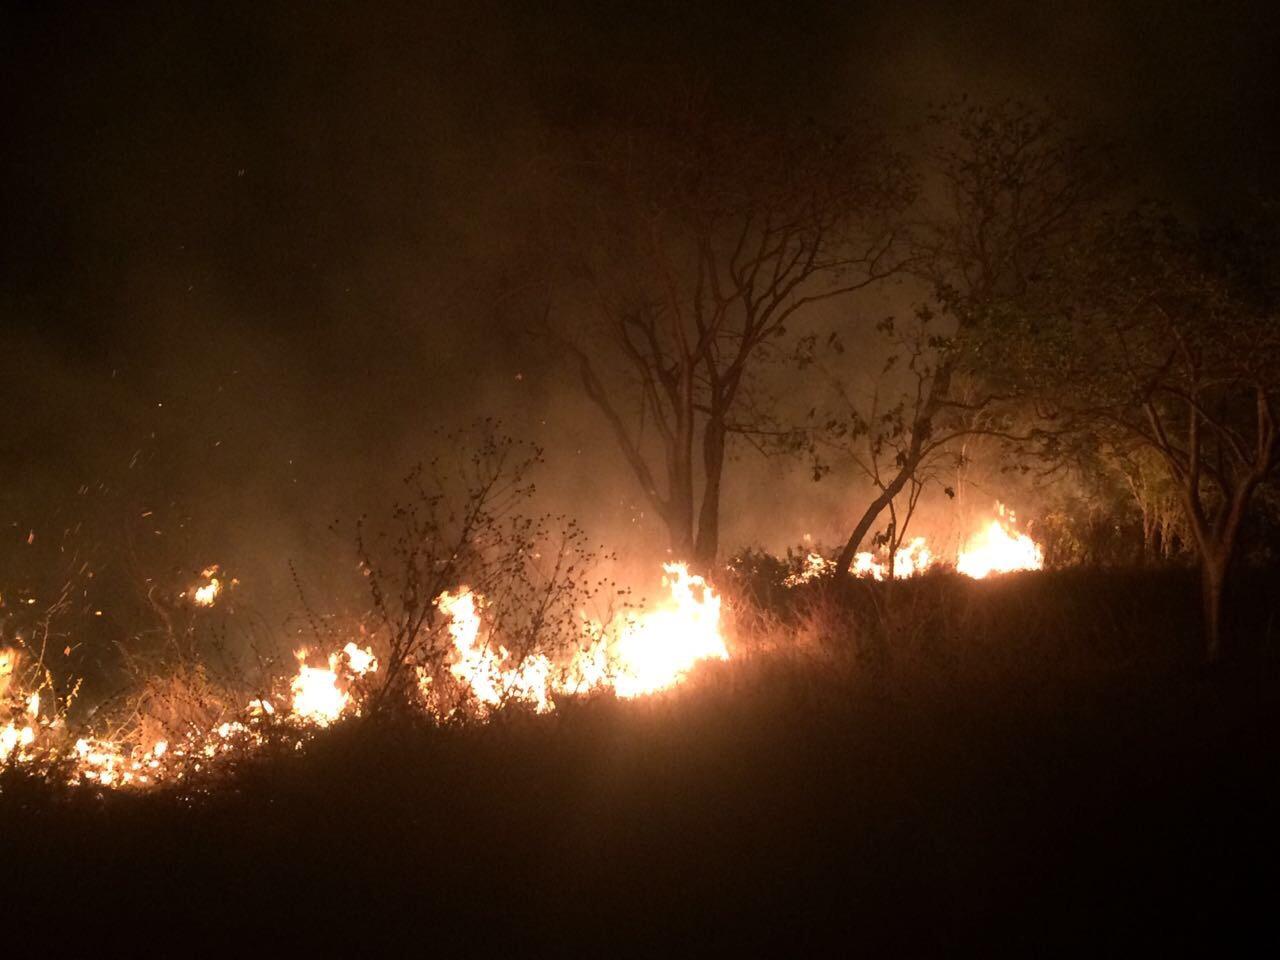 Incendio cercano a fraccionamiento Los Héroes, al oriente de Mérida